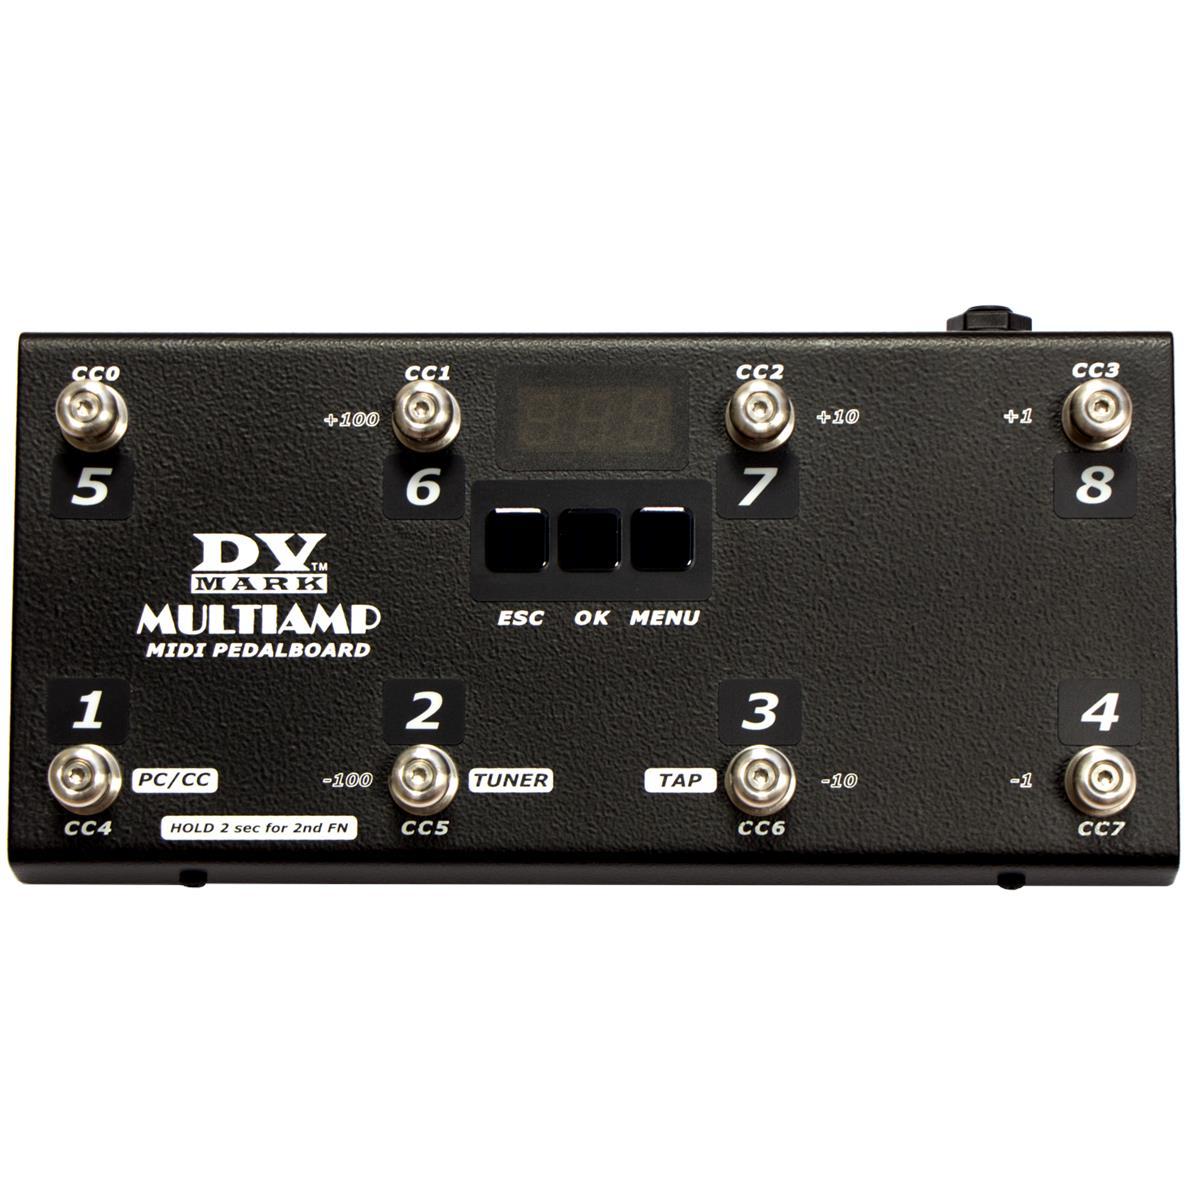 DV MARK MULTIAMP MIDI PEDALBOARD CONTROLLER REMOTE